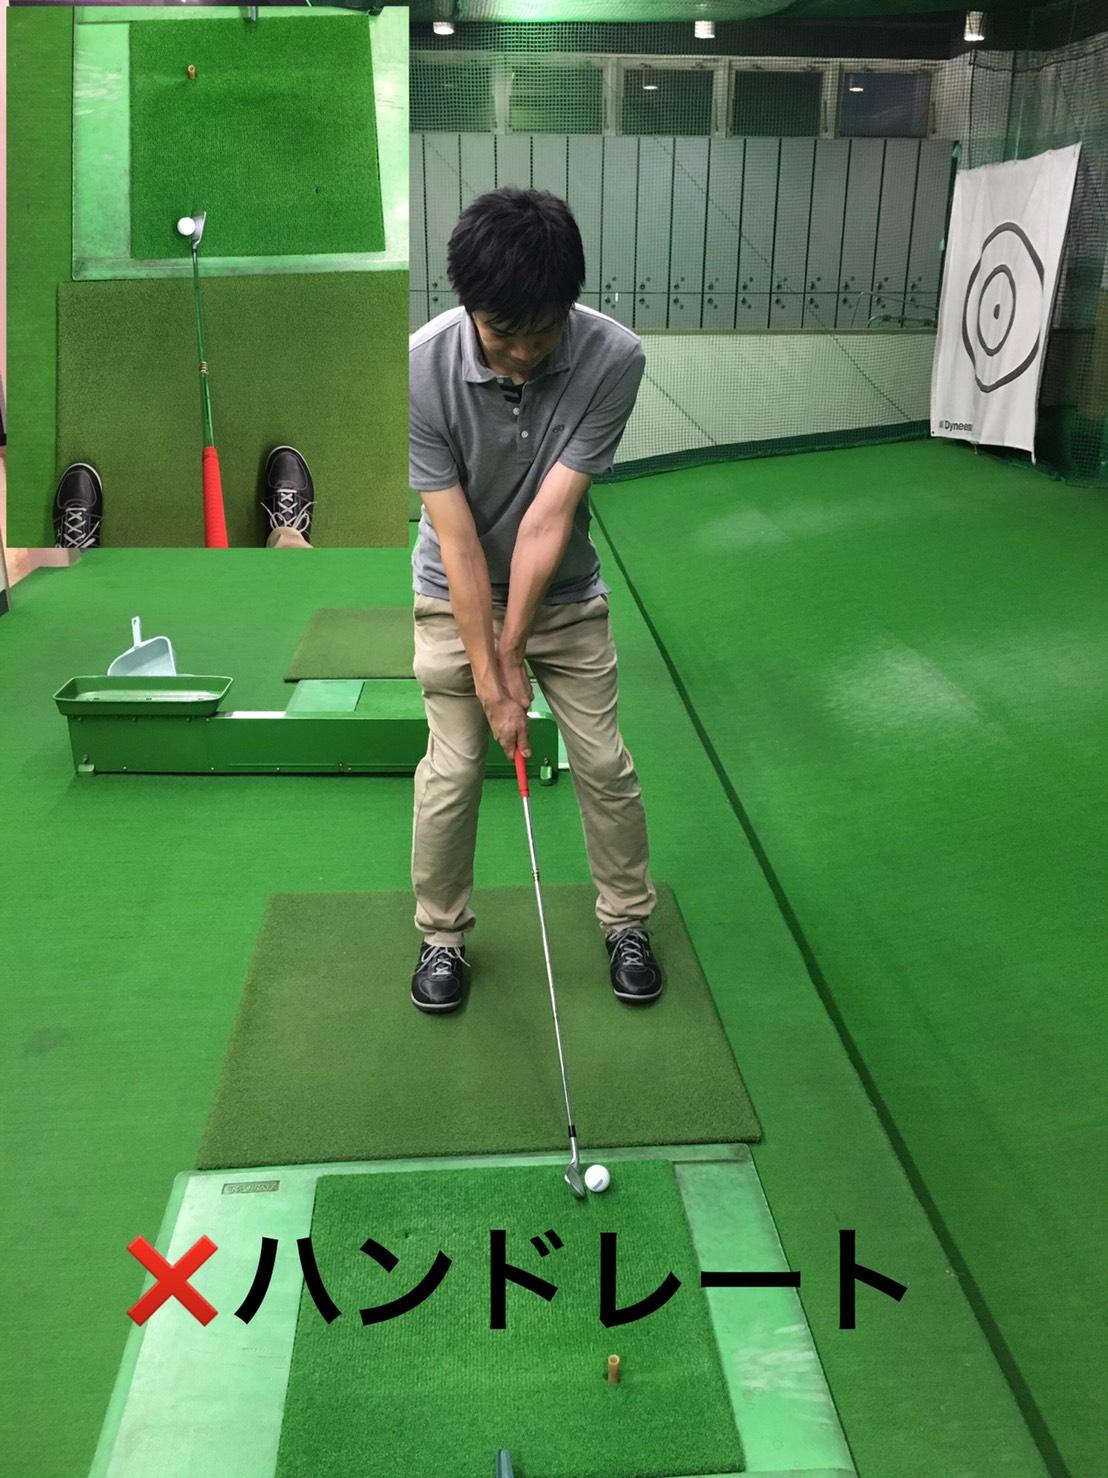 アイアンが飛ばない理由【UGMゴルフスクールセントラルフィットネスクラブ市ケ尾店】